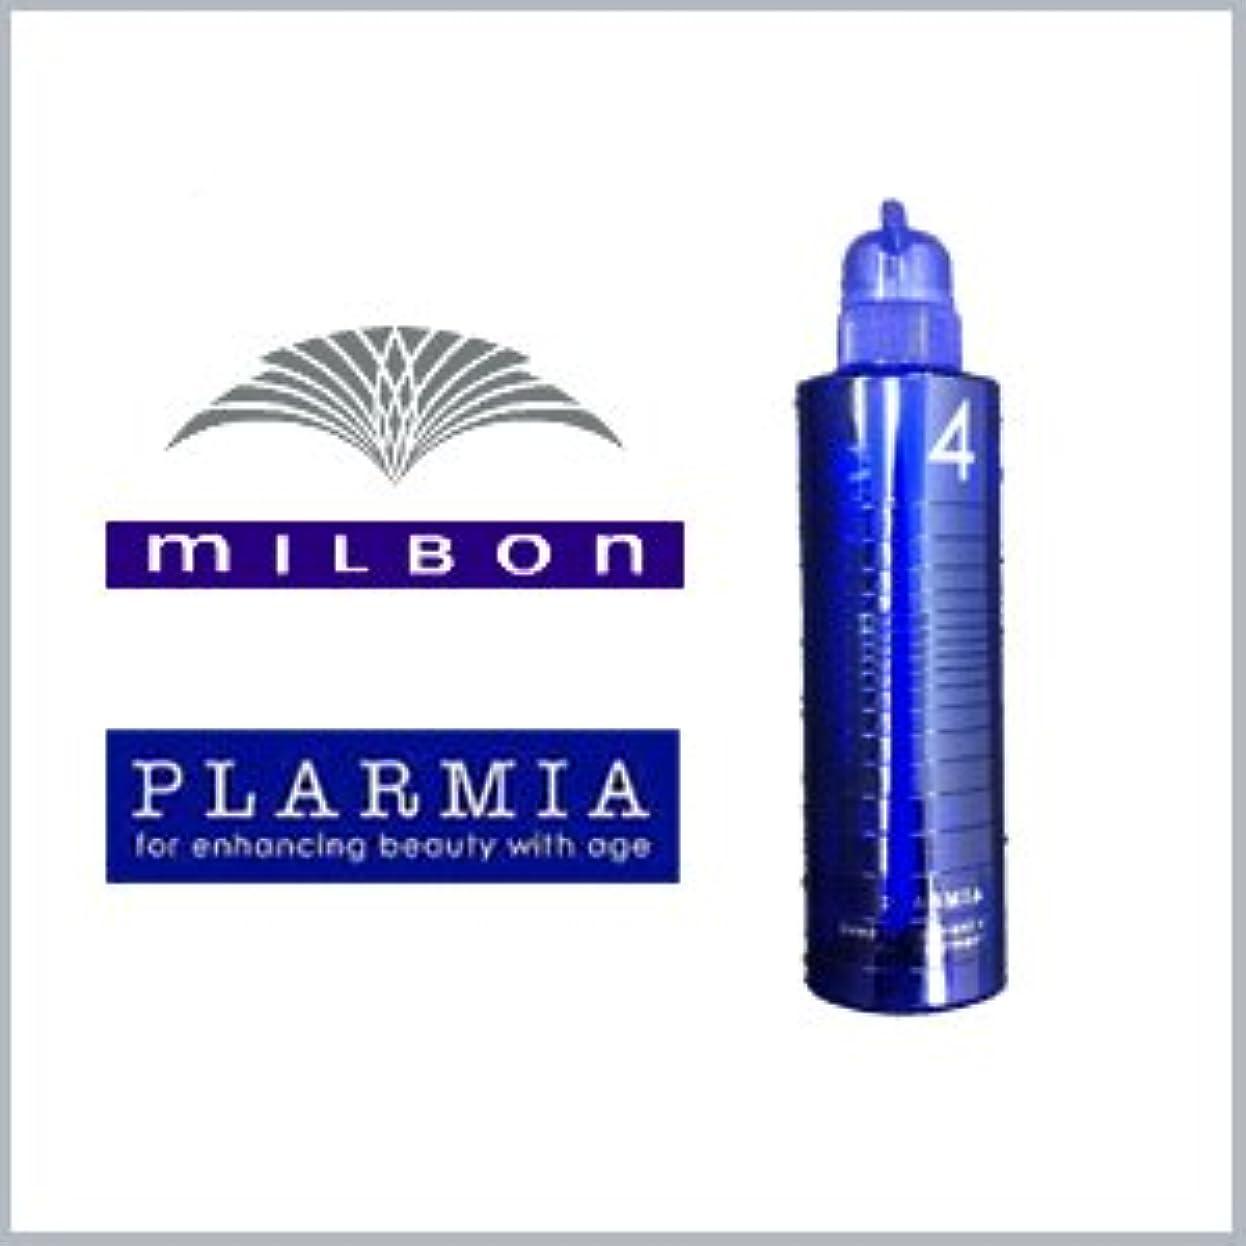 広まった財産数値ミルボン プラーミア ディープエナジメント4 空容器 500g